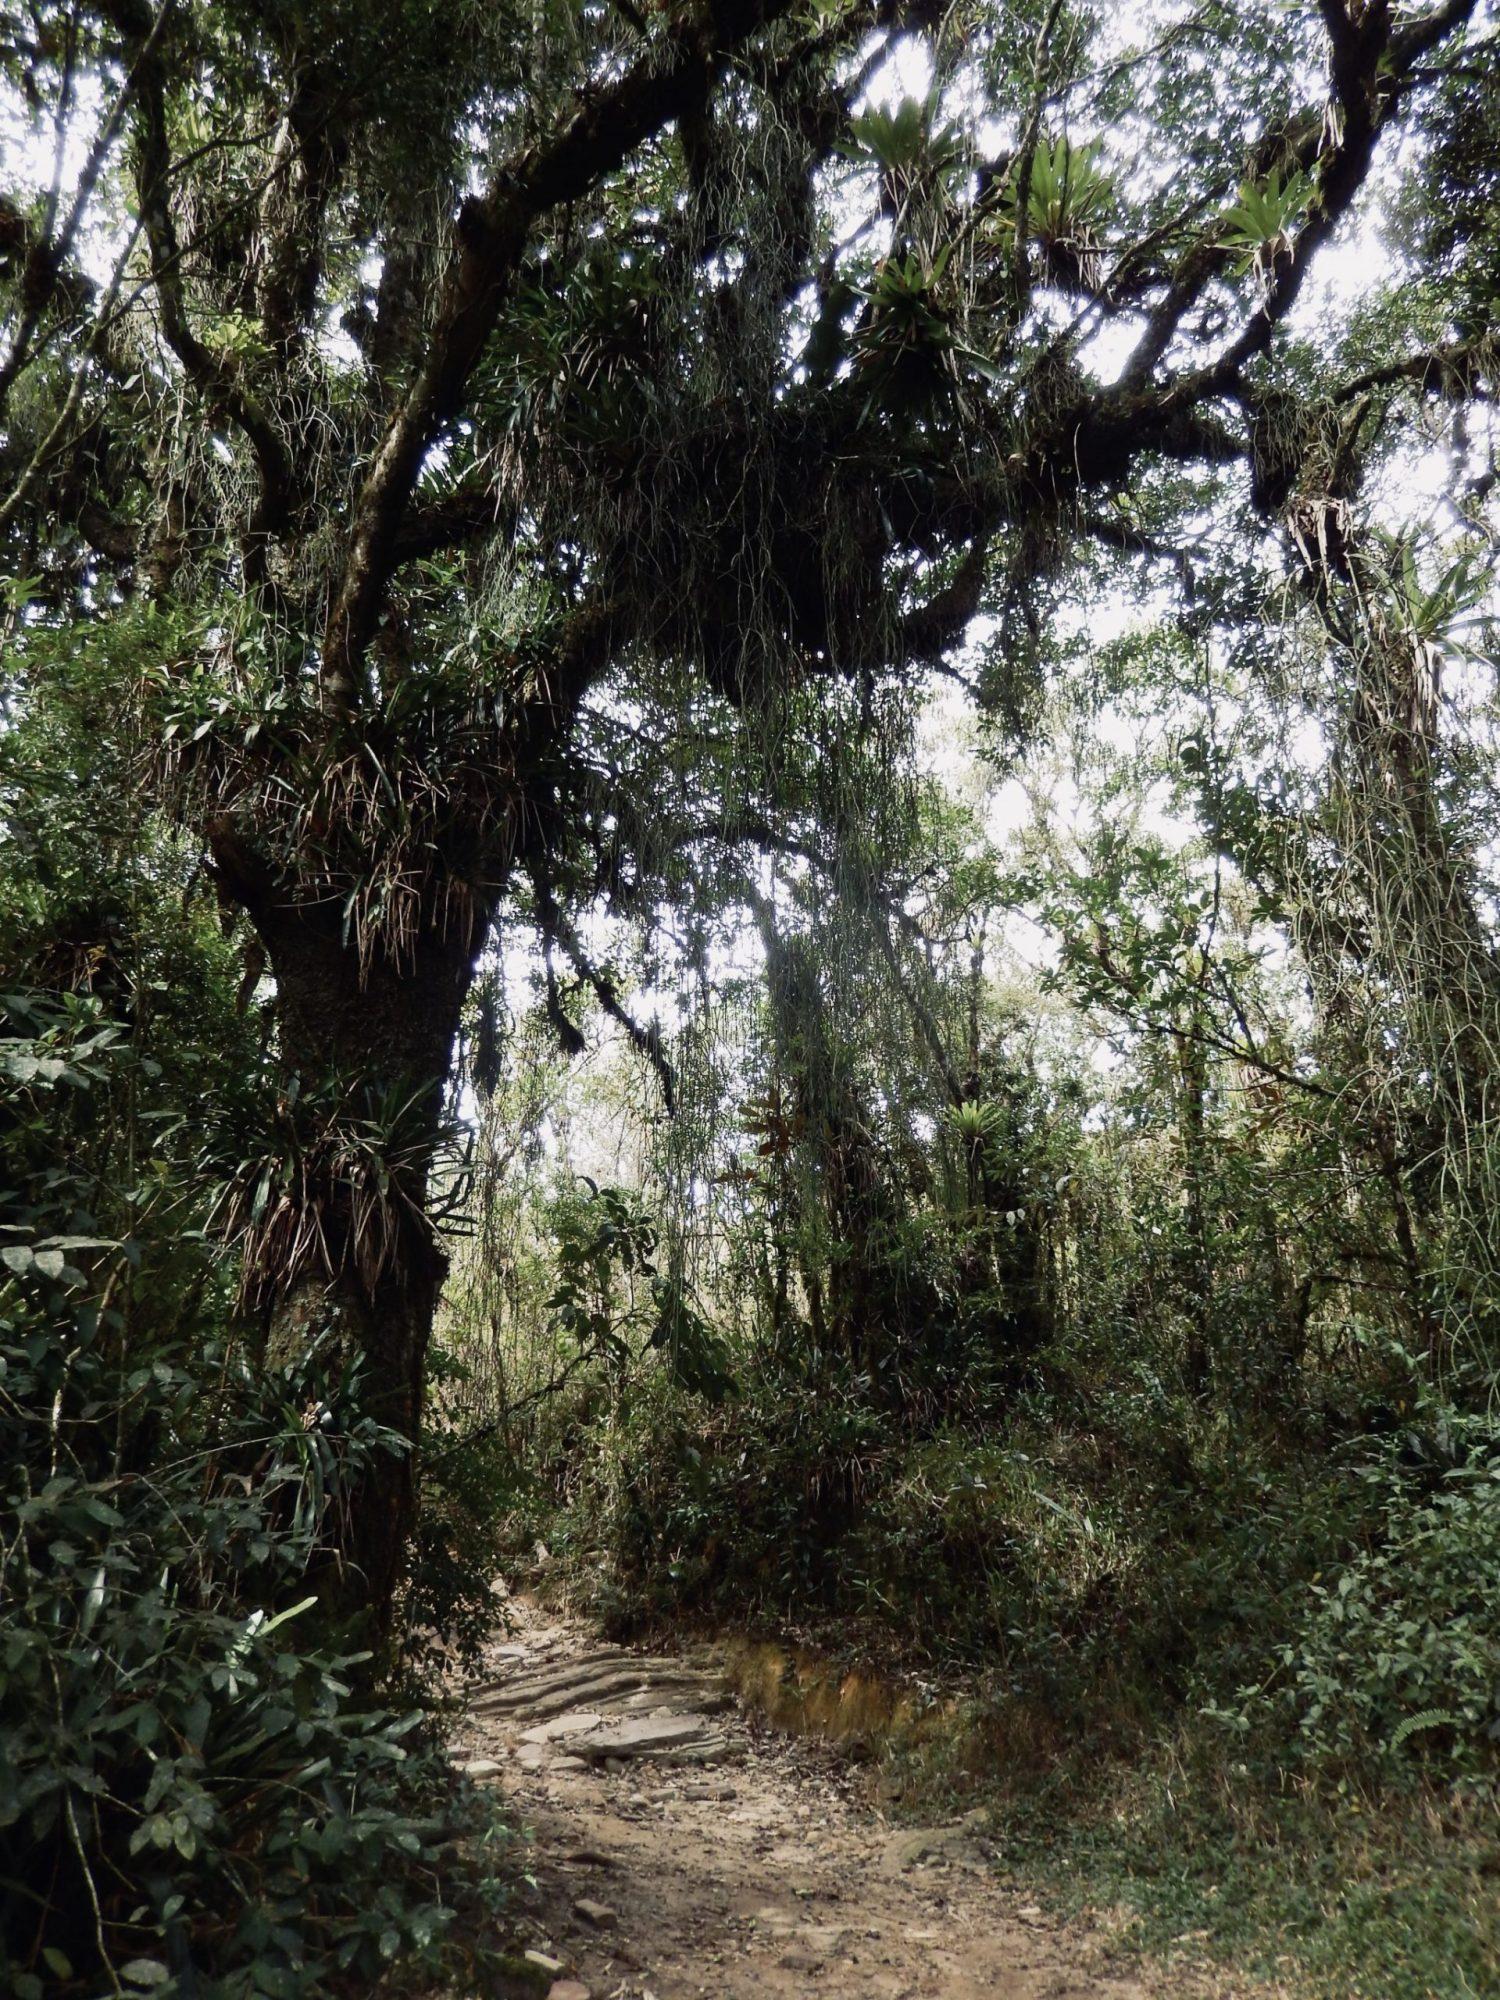 Ibitipoca forest